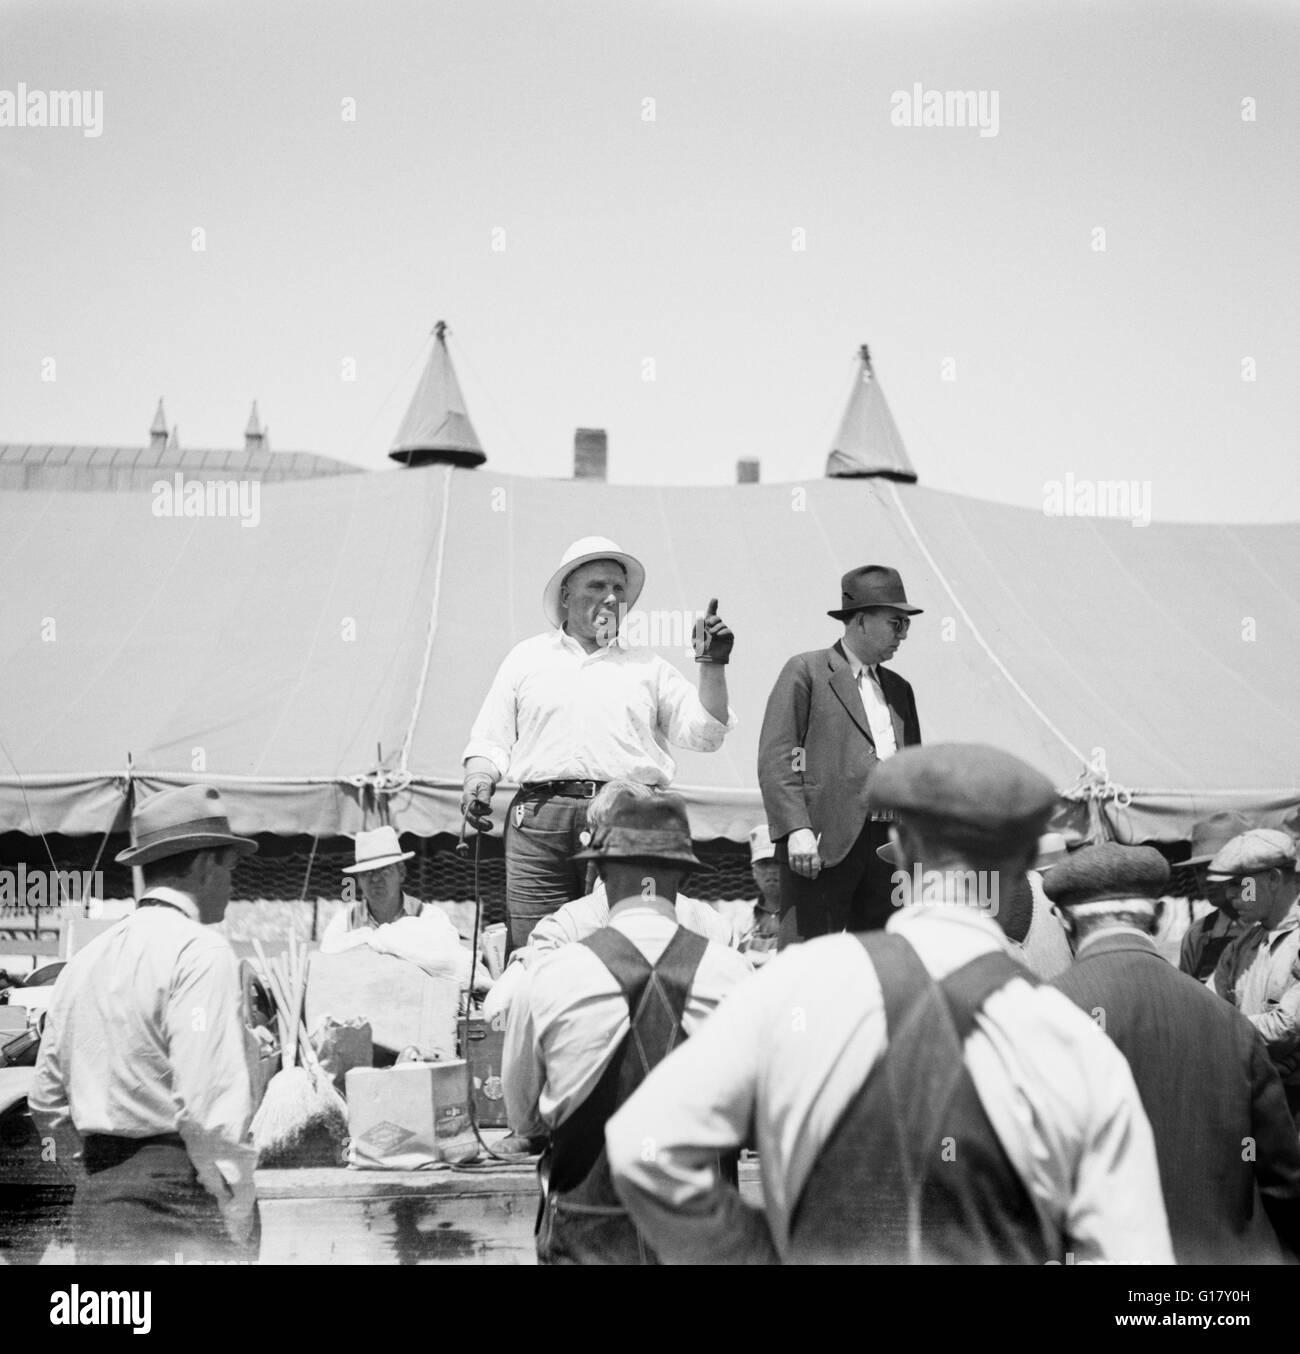 Farm Auction, Kearney, Nebraska, USA, Arthur Rothstein for Farm Security Administration, May 1936 - Stock Image